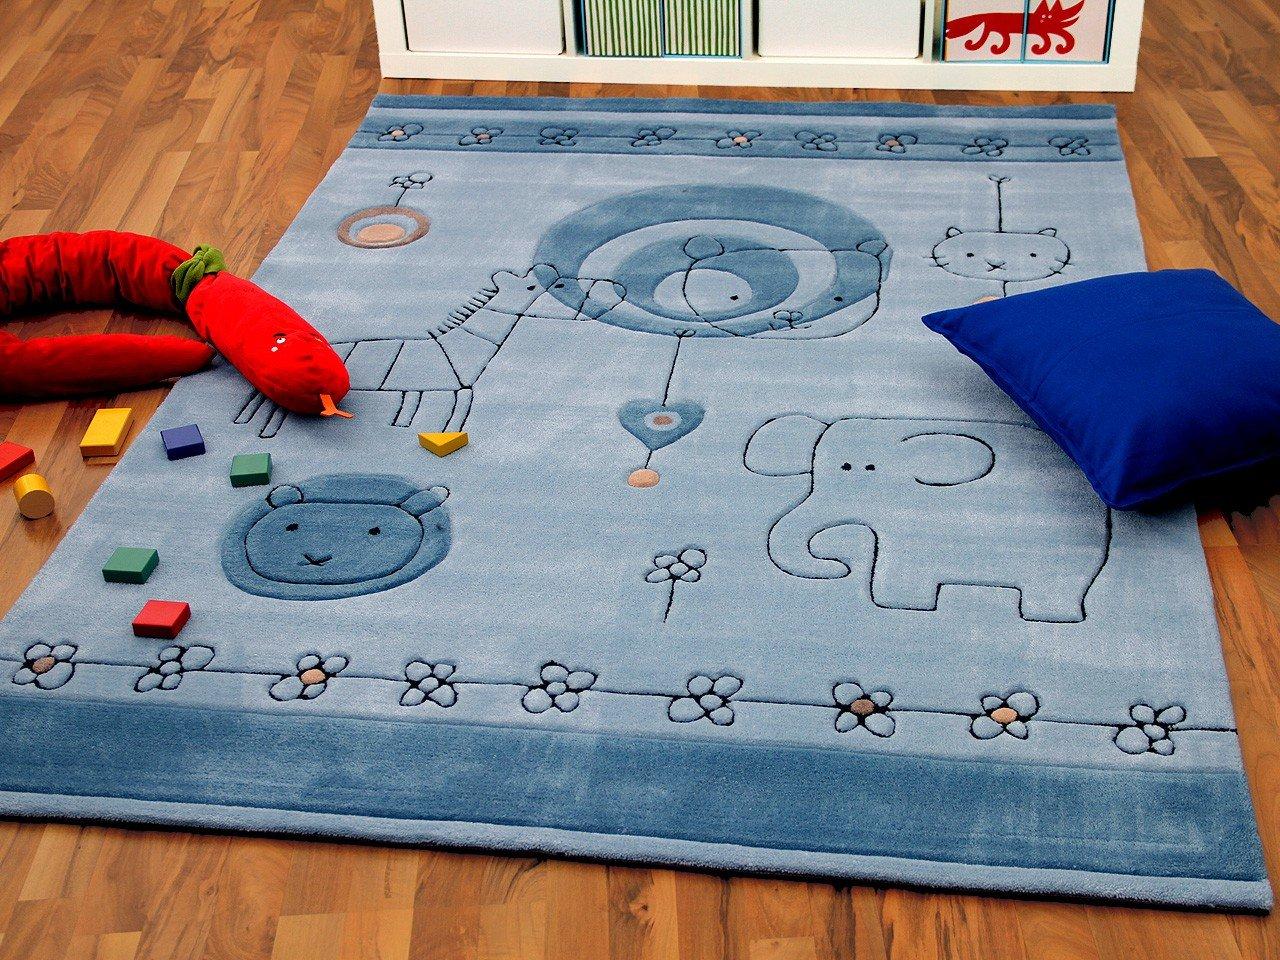 Lifestyle Kinderteppich Babywelt Blau Hellblau in 3 Größen     Sofort Lieferbar